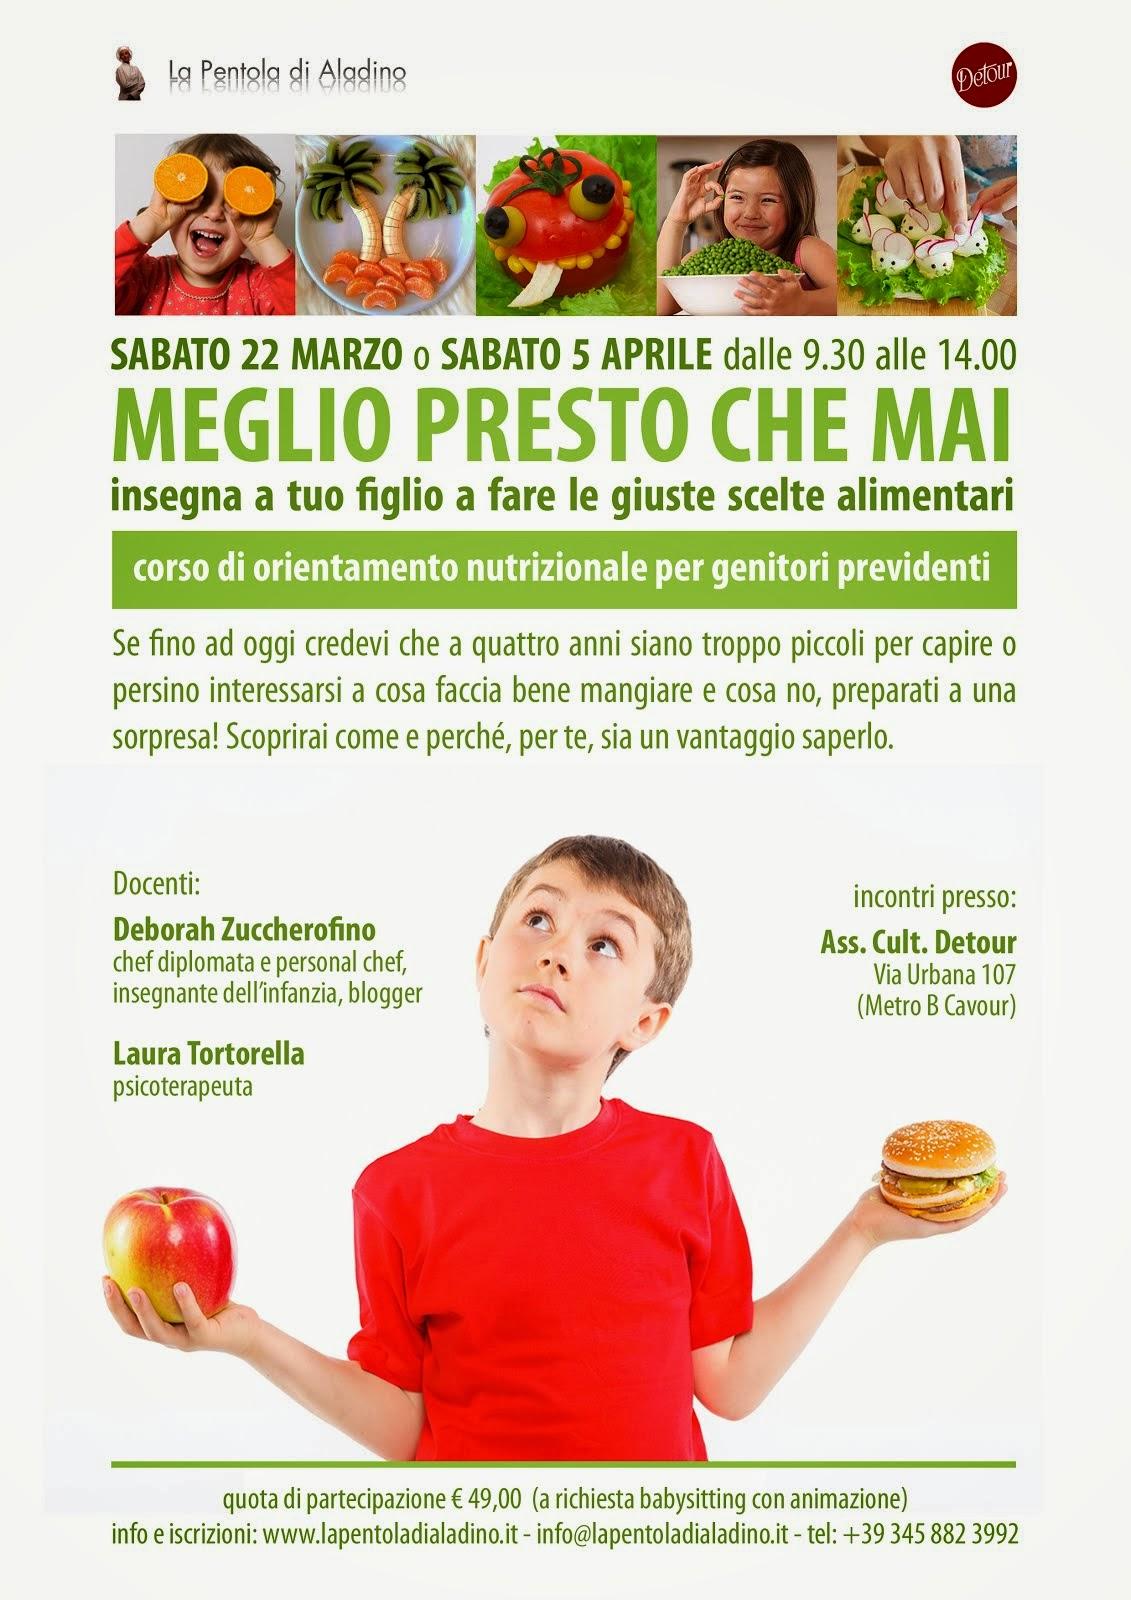 Corso di orientamento nutrizionale per genitori